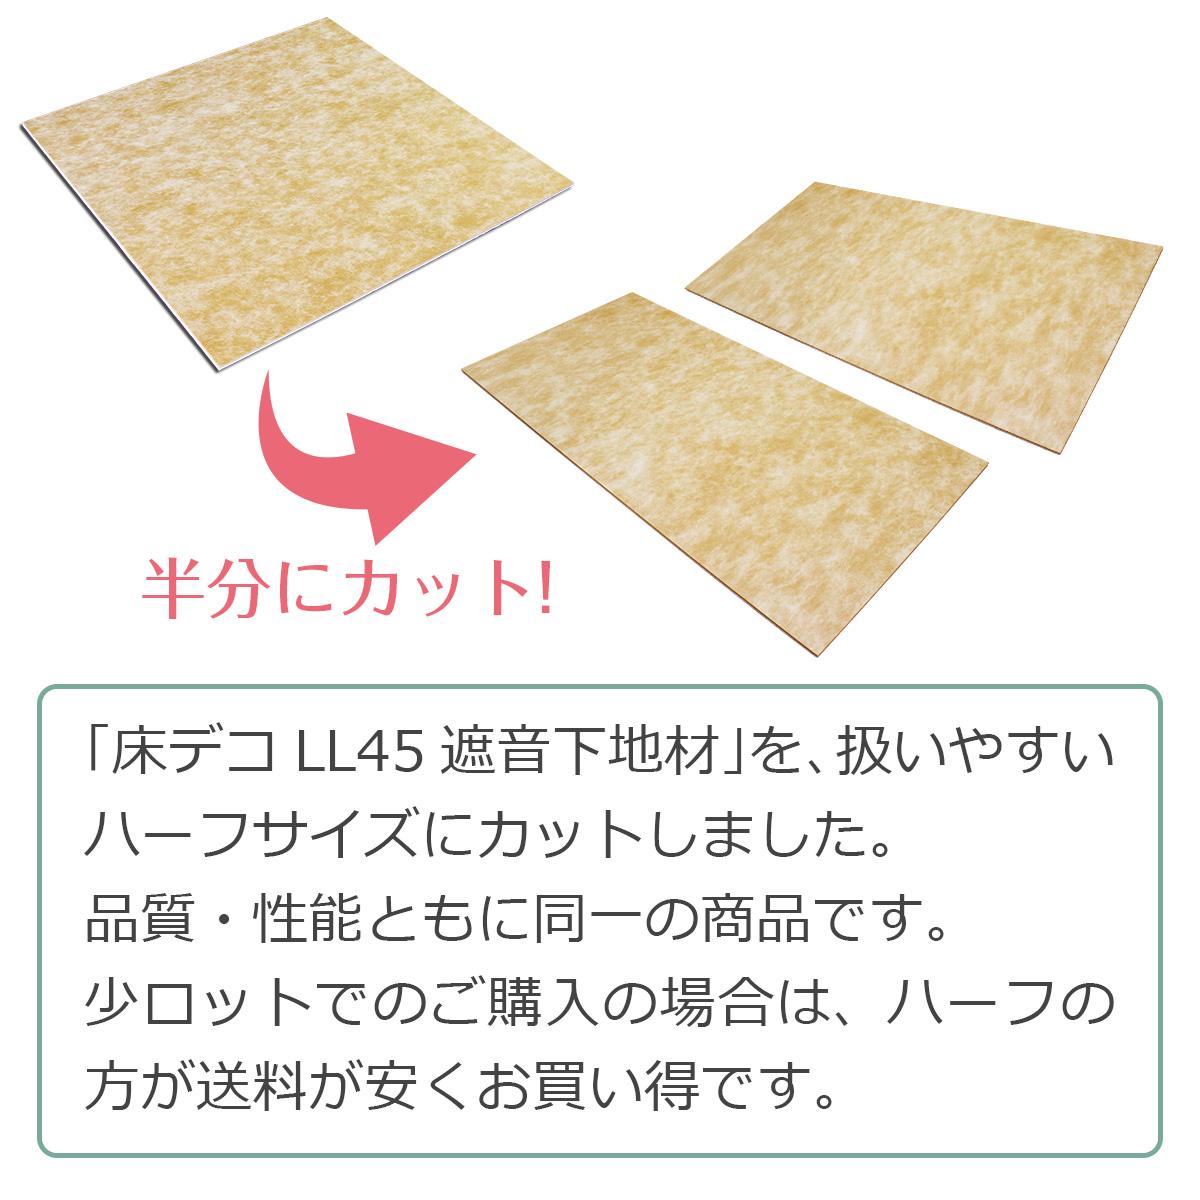 「床デコLL45遮音下地材」を、扱いやすいハーフにカットしました。品質・性能ともに同一の商品です。少ロットでのご購入の場合は、ハーフの方が送料が安くお買い得です。